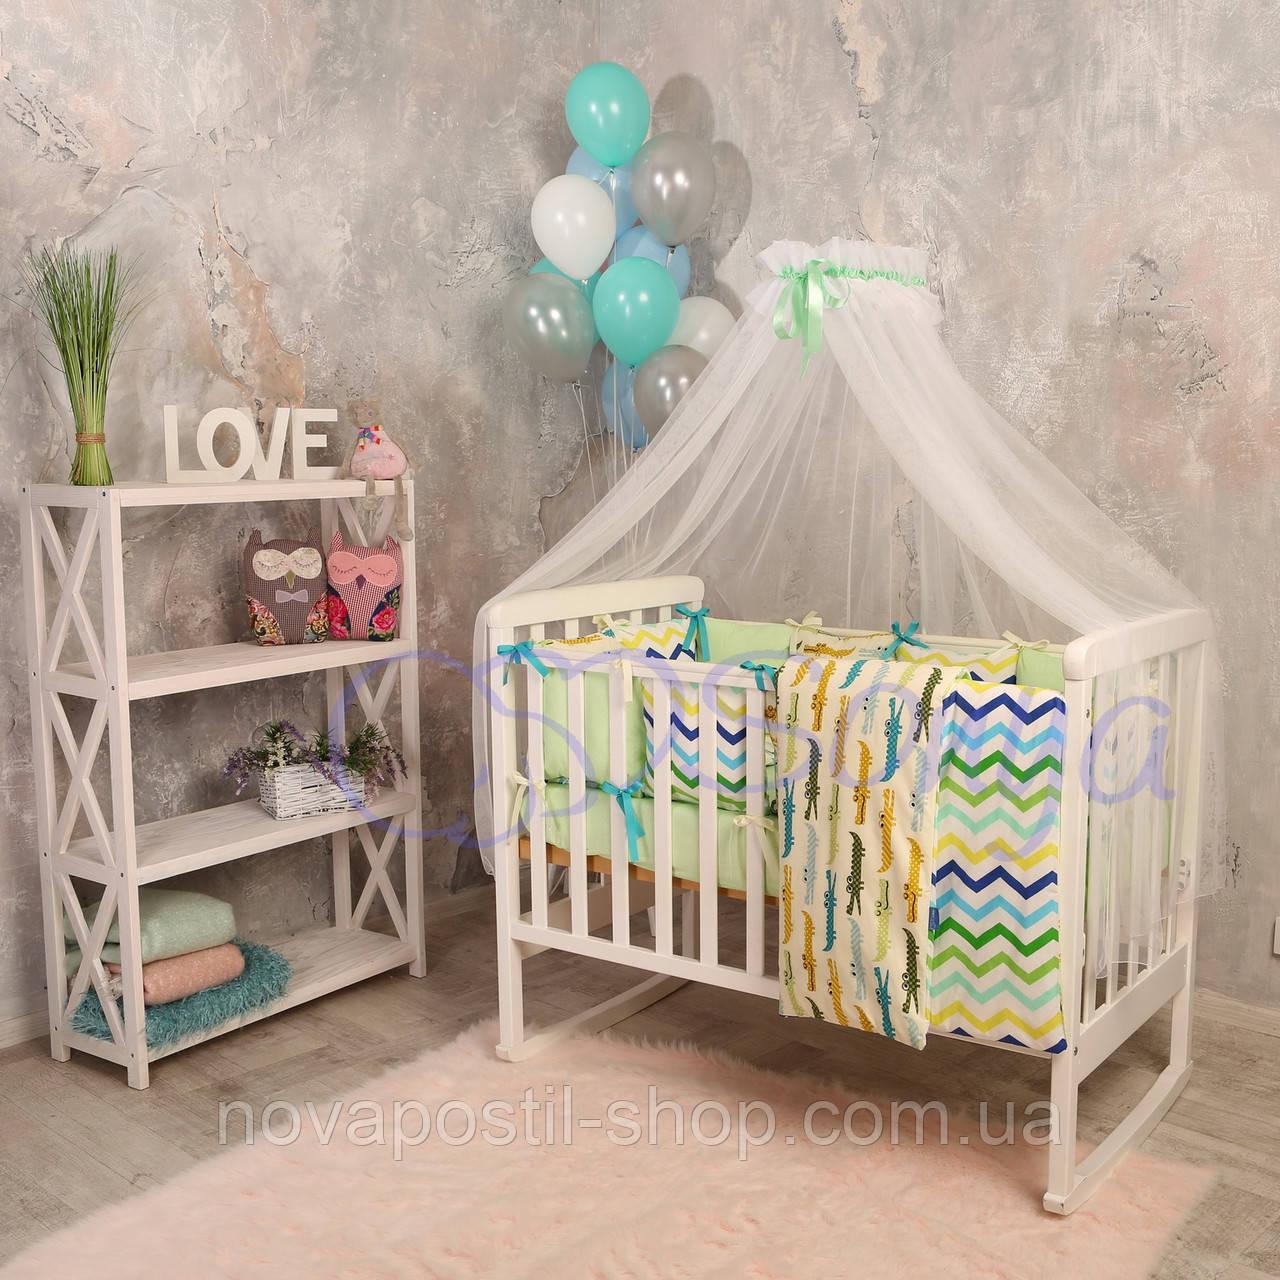 Набор в детскую кроватку Baby Design с крокодилами (7 предметов)